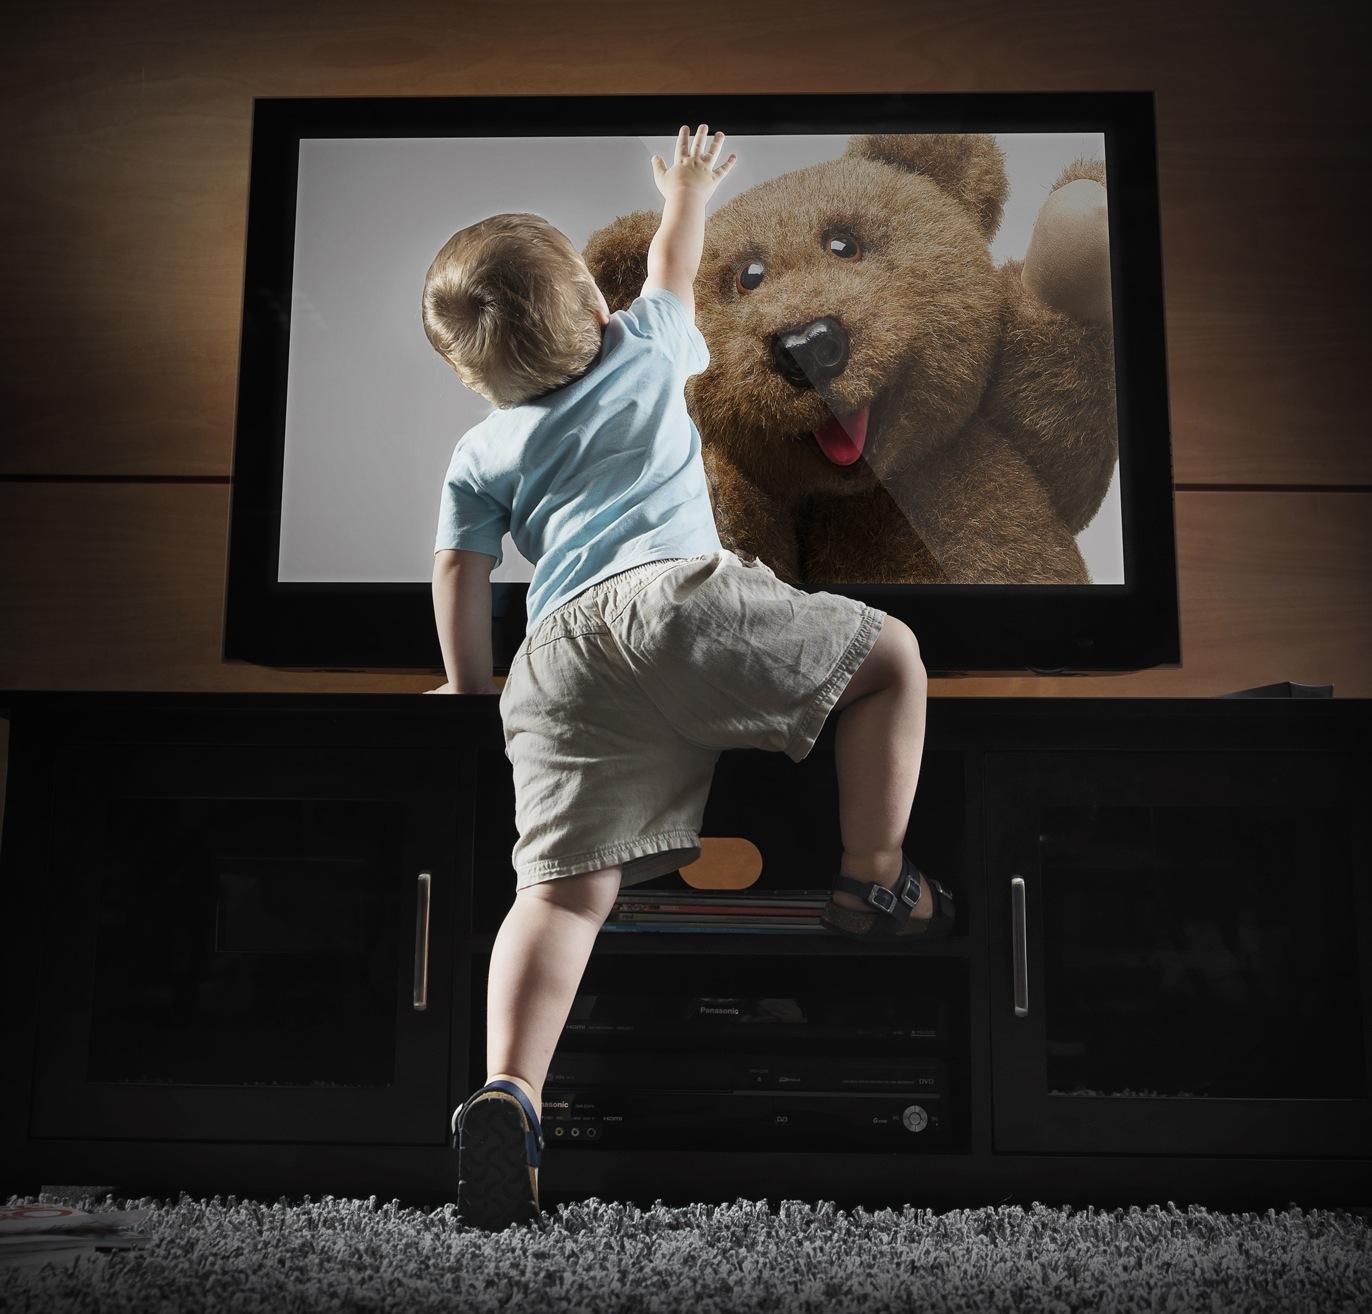 крепление телевизора в доме с детьми